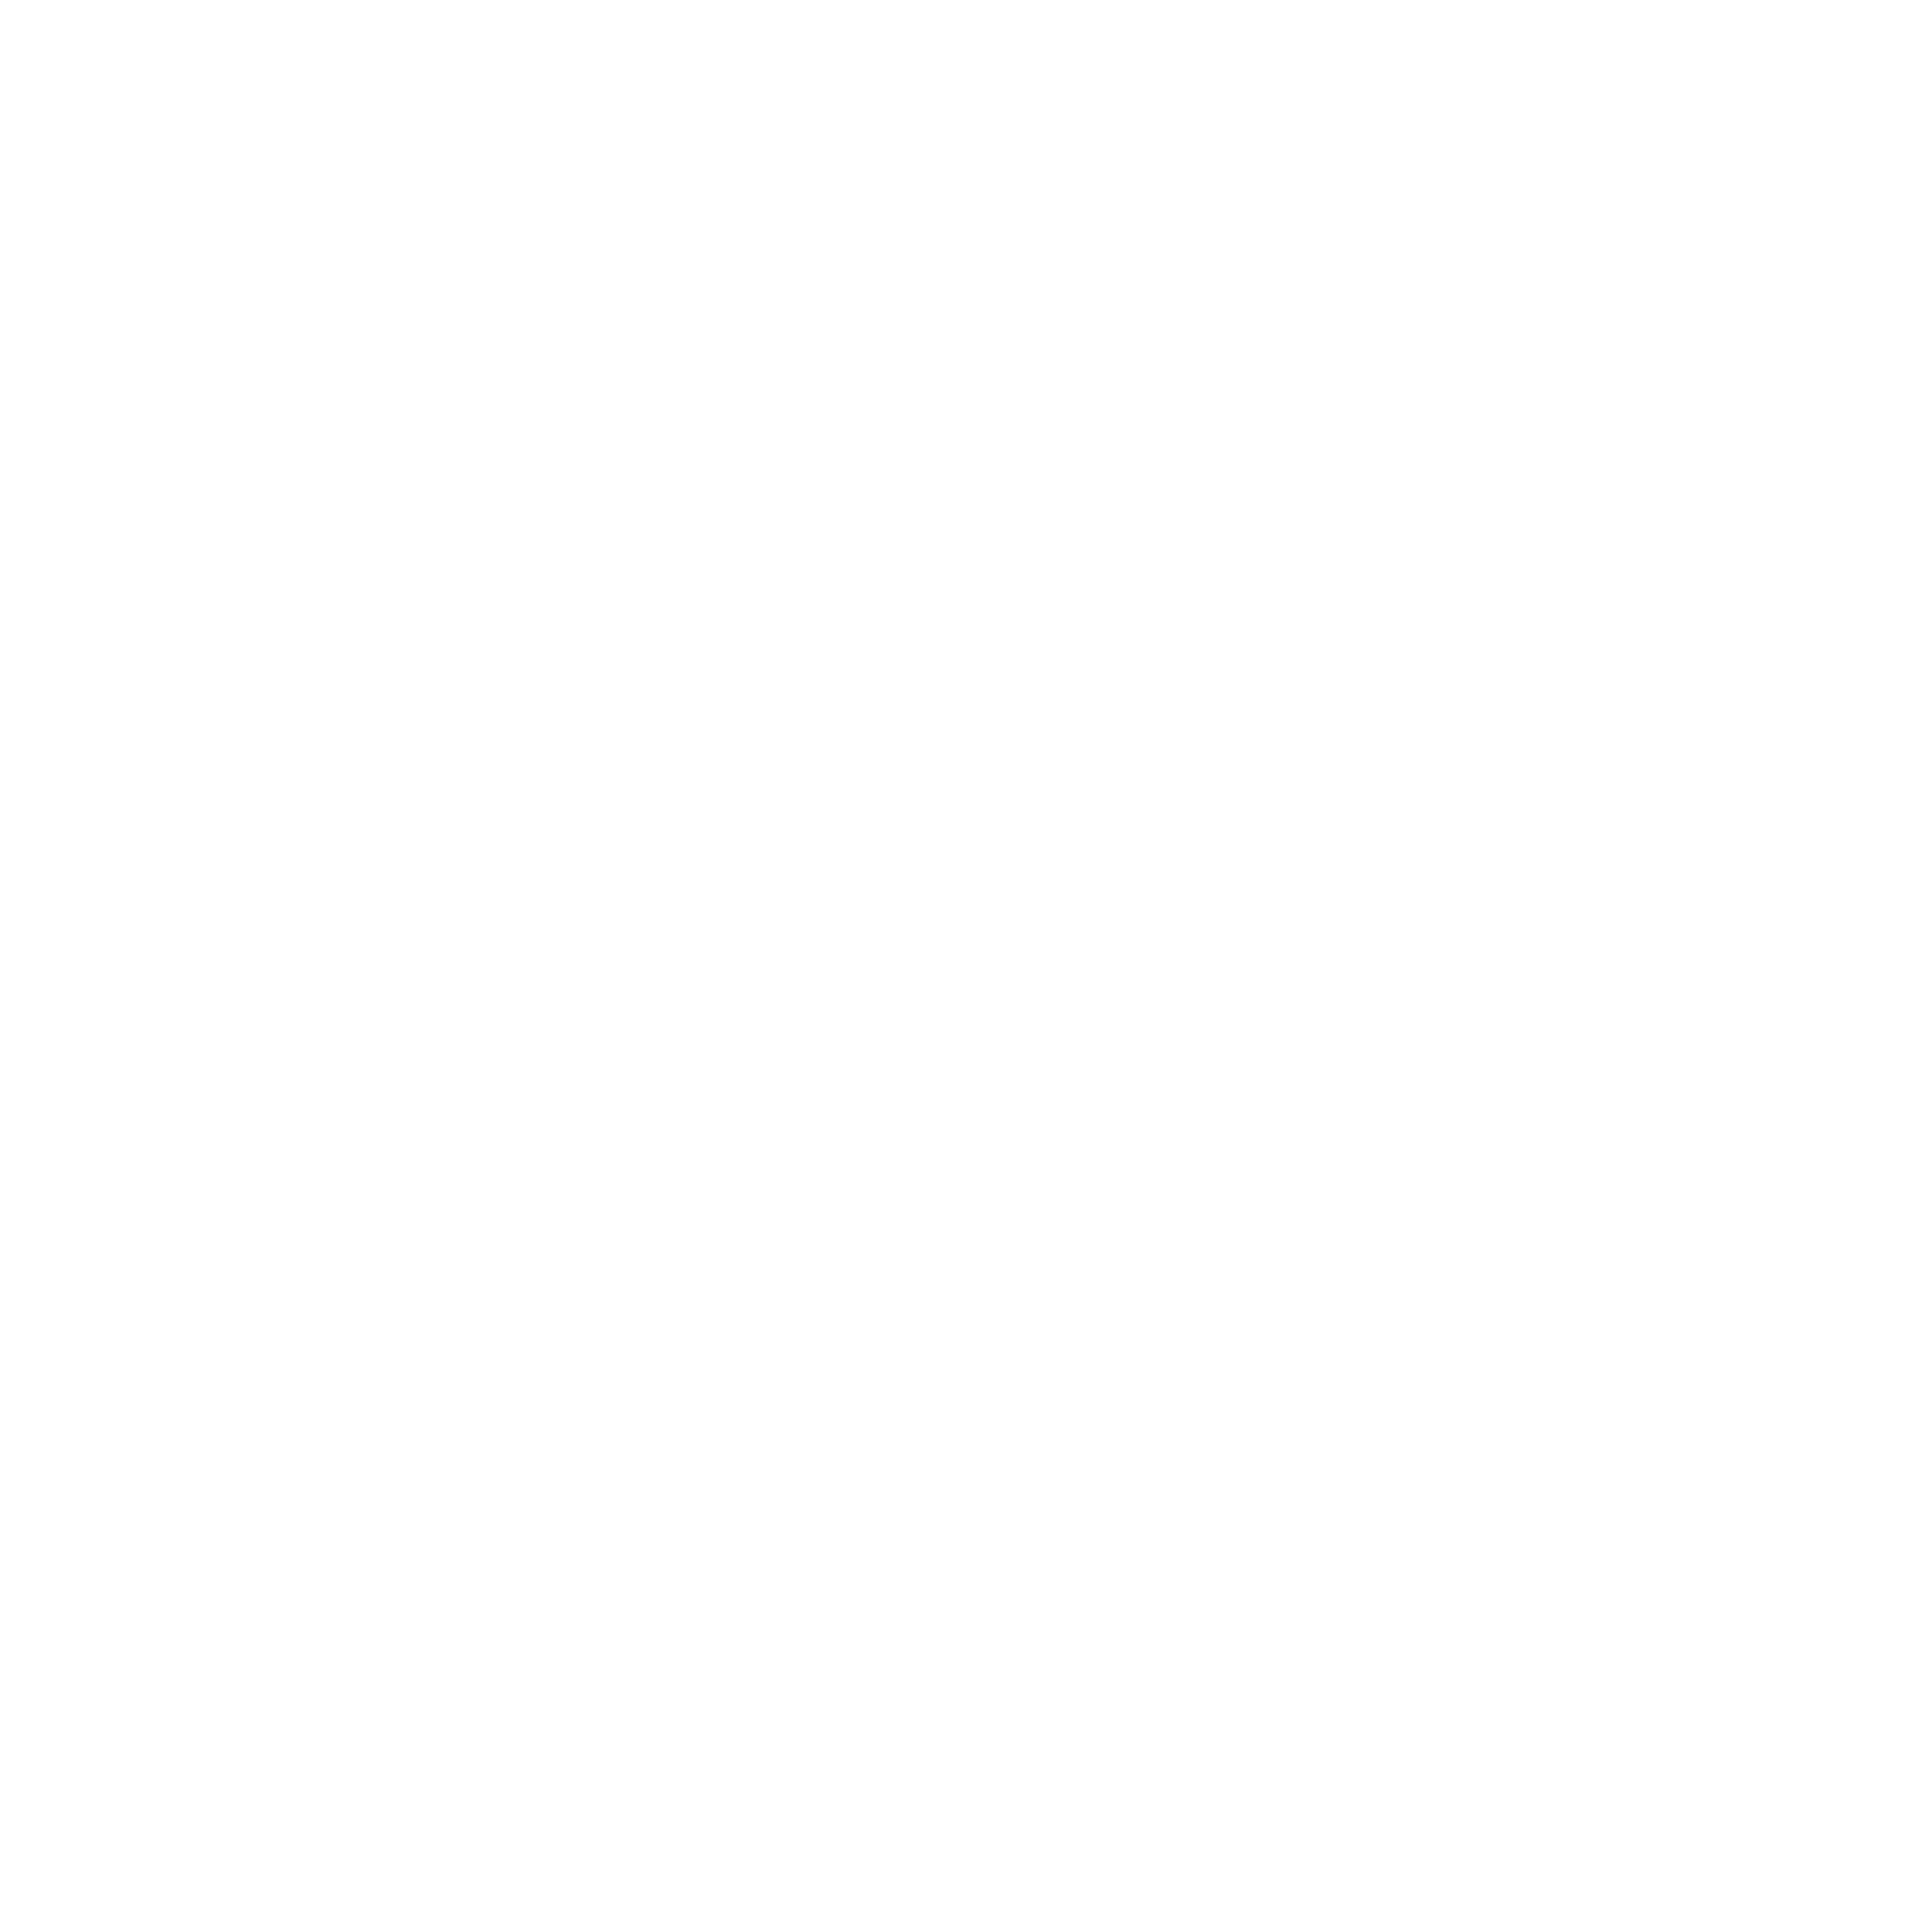 """Кран Valve J.G. 1/4""""н на М10 паровой пробковый усиленный J.G. - 1"""